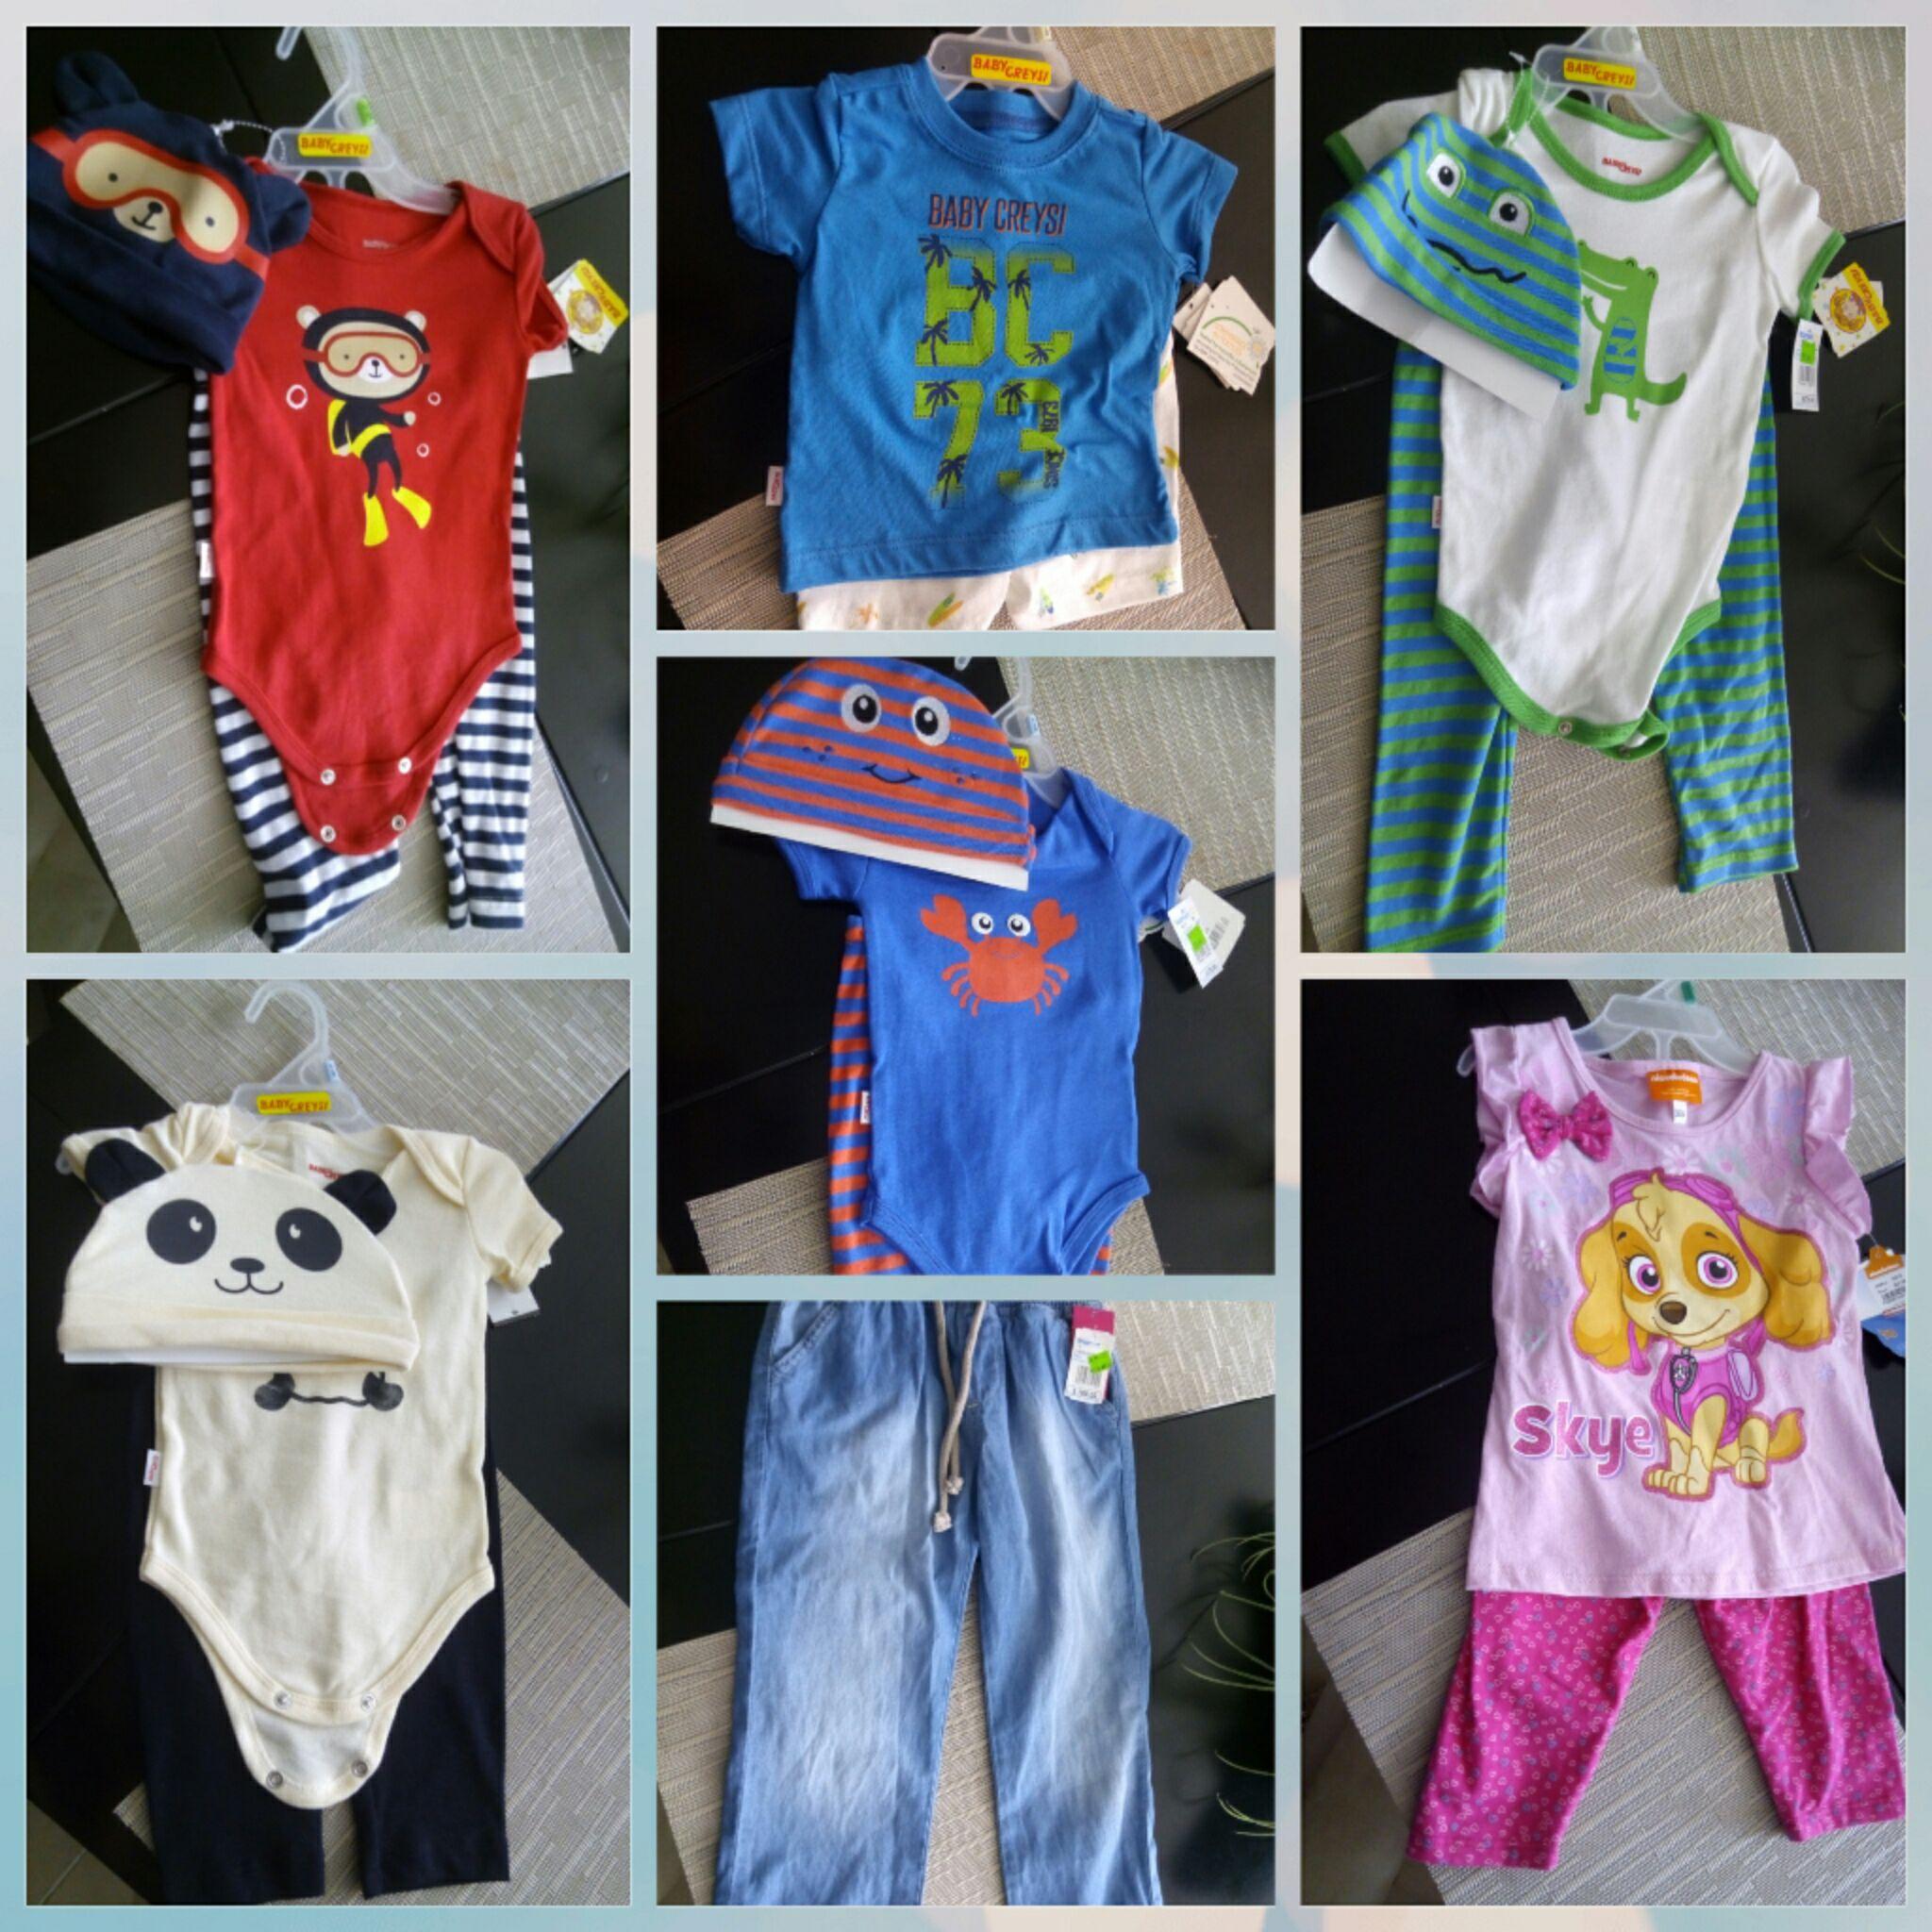 Walmart Mérida macroplaza: conjuntos para bebés y niñas a $60.02